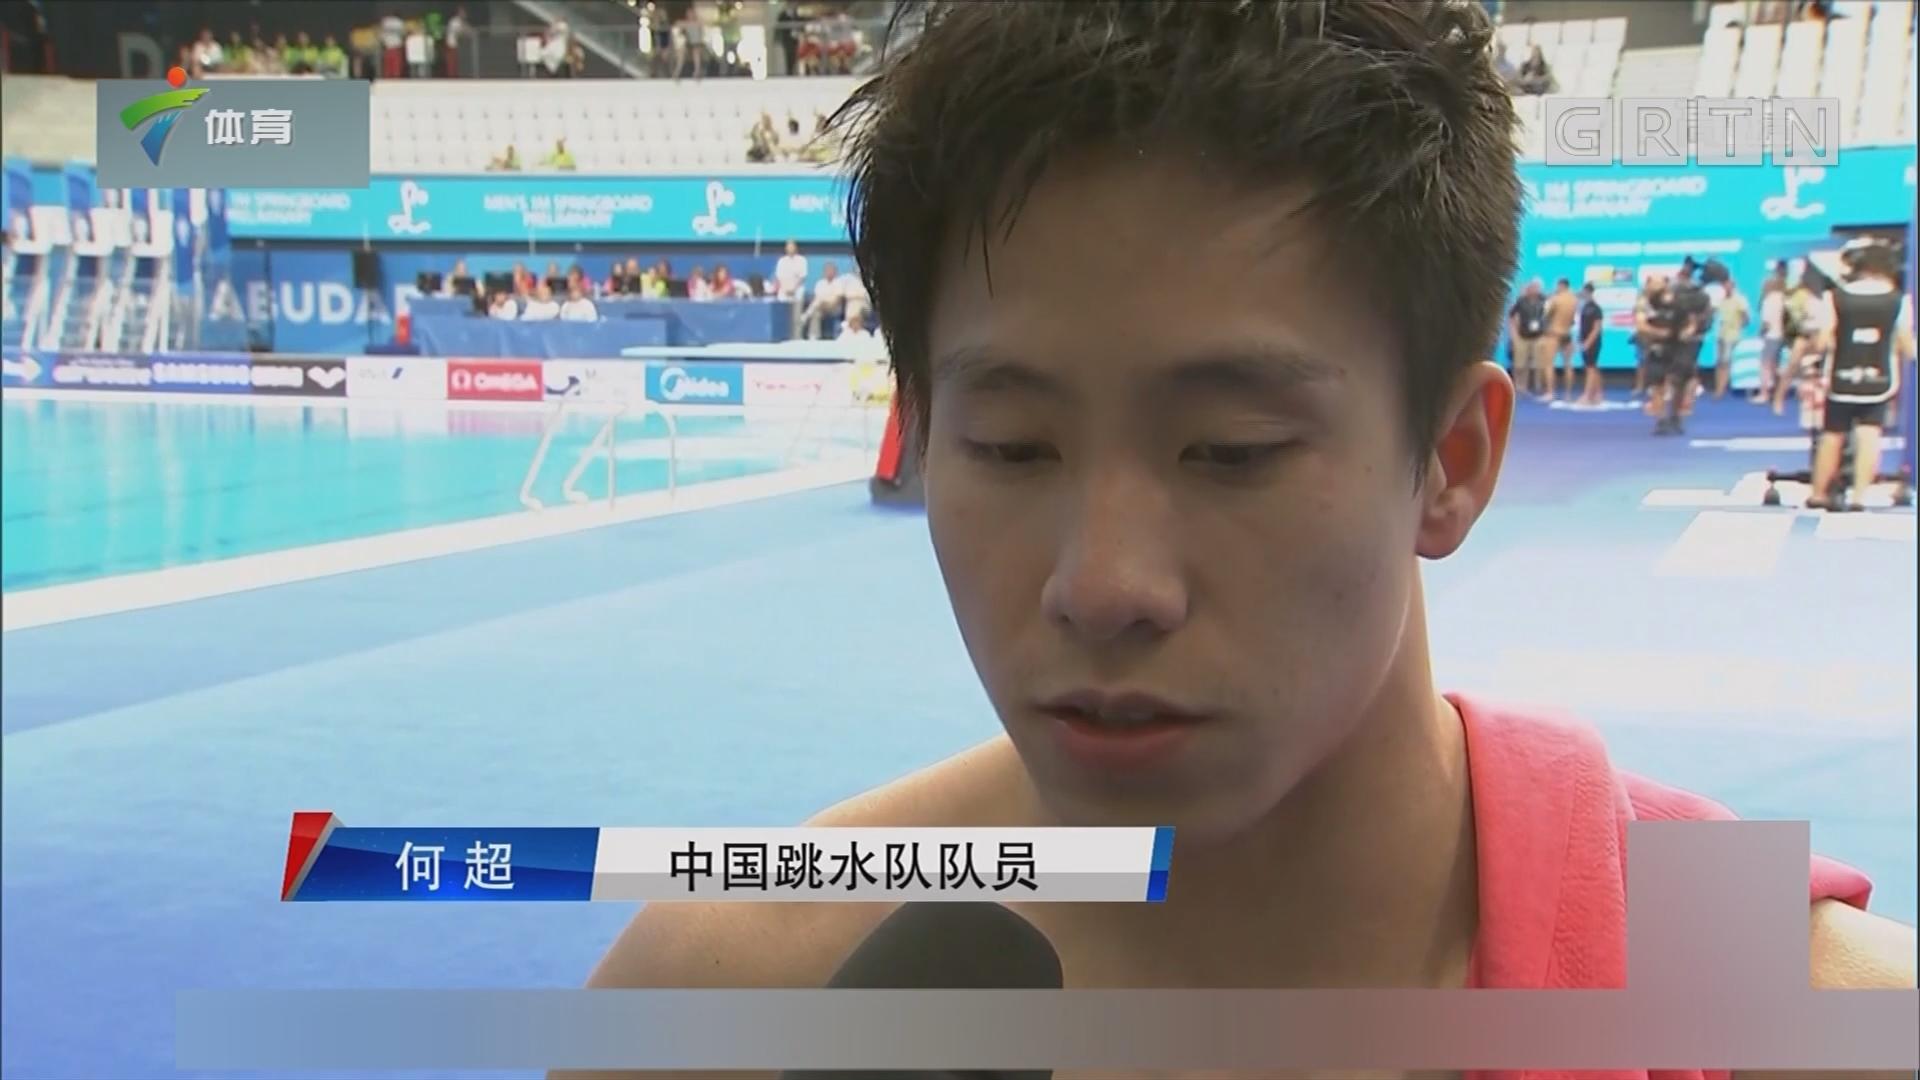 彭健烽、何超排名男子一米板预赛前两位